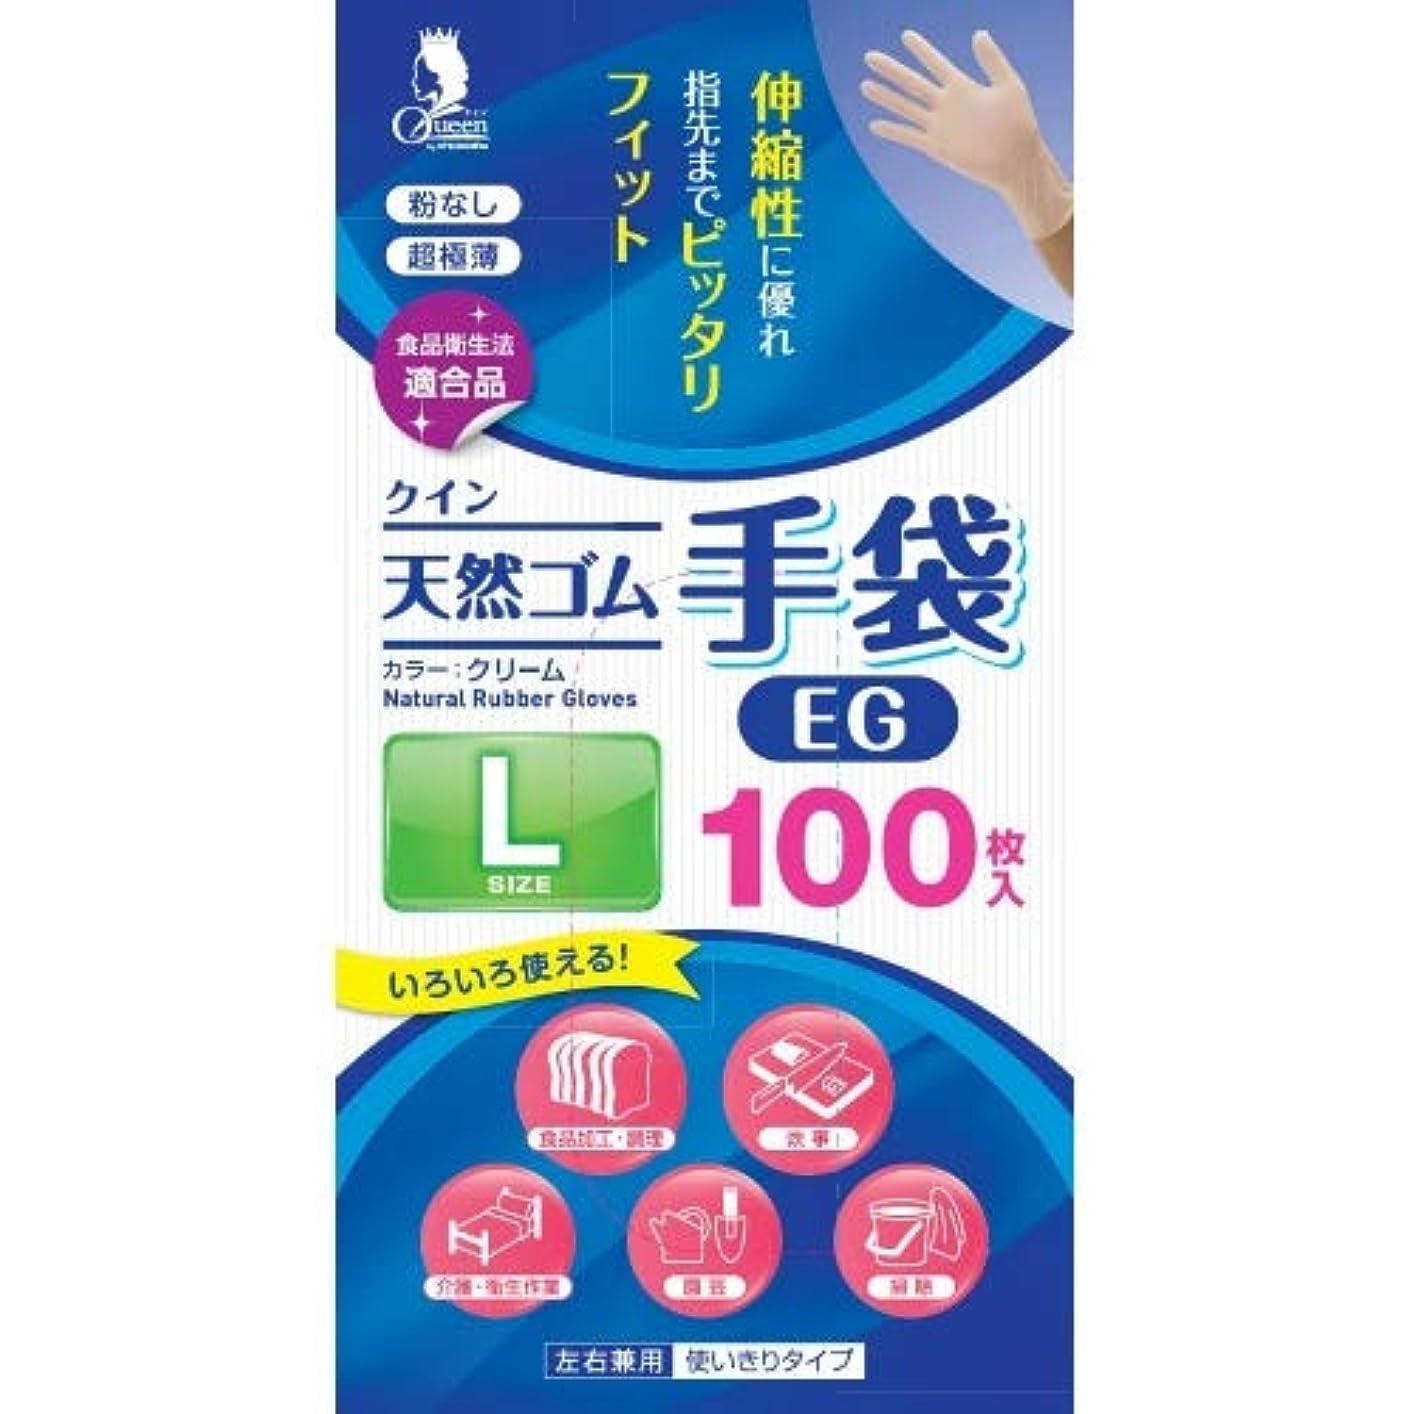 灰涙が出るオール宇都宮製作 クイン 天然ゴム 手袋 EG 粉なし 100枚入 Lサイズ